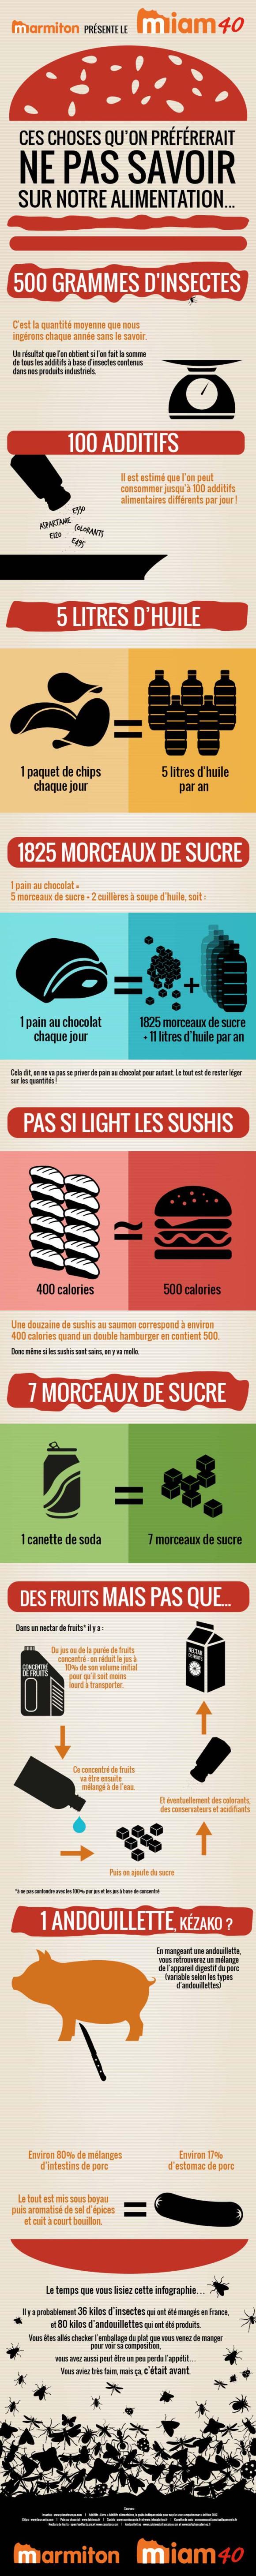 Infographie nourriture marmiton